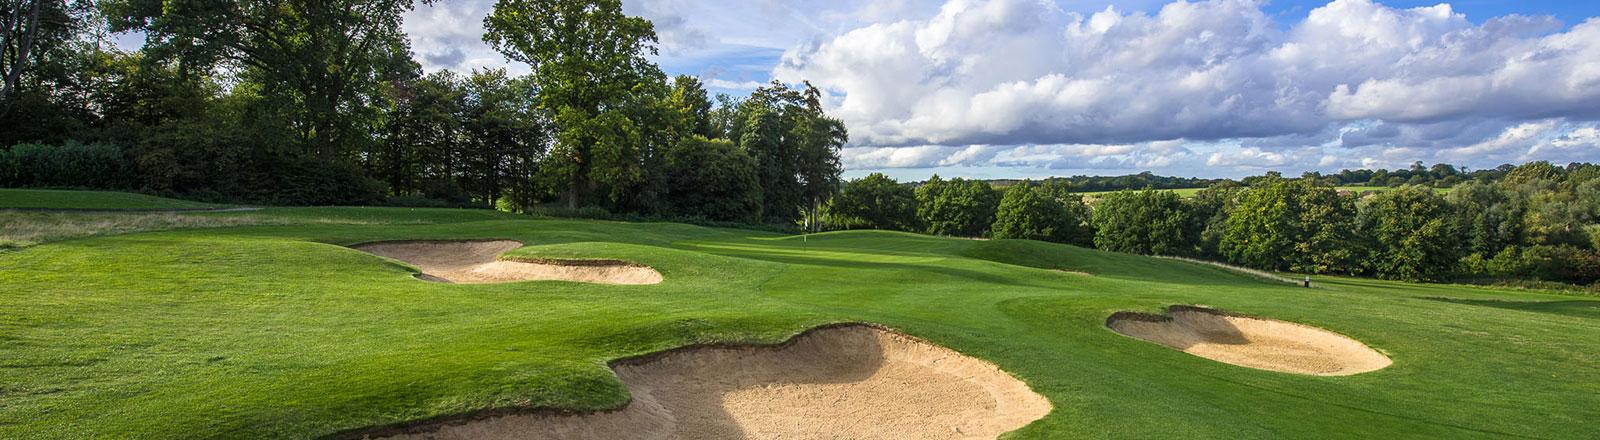 Aldwickbury Park Golf Course